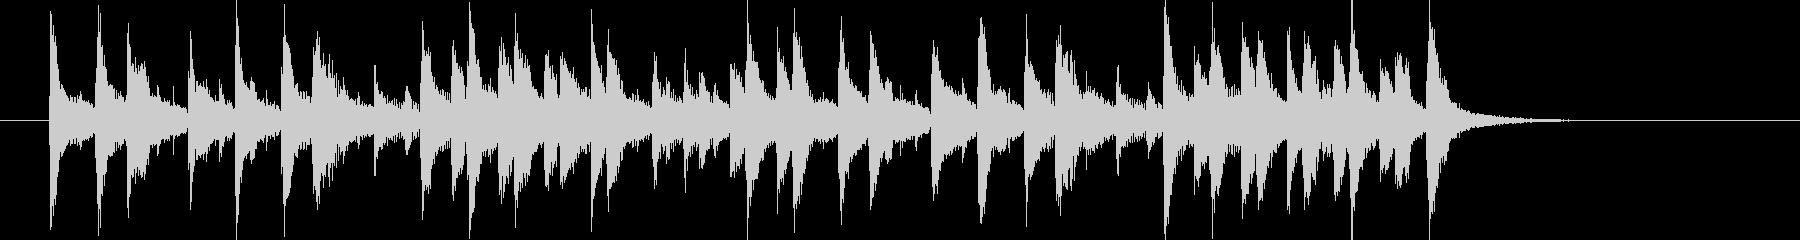 三味線を使ったコミカルなBGMの未再生の波形